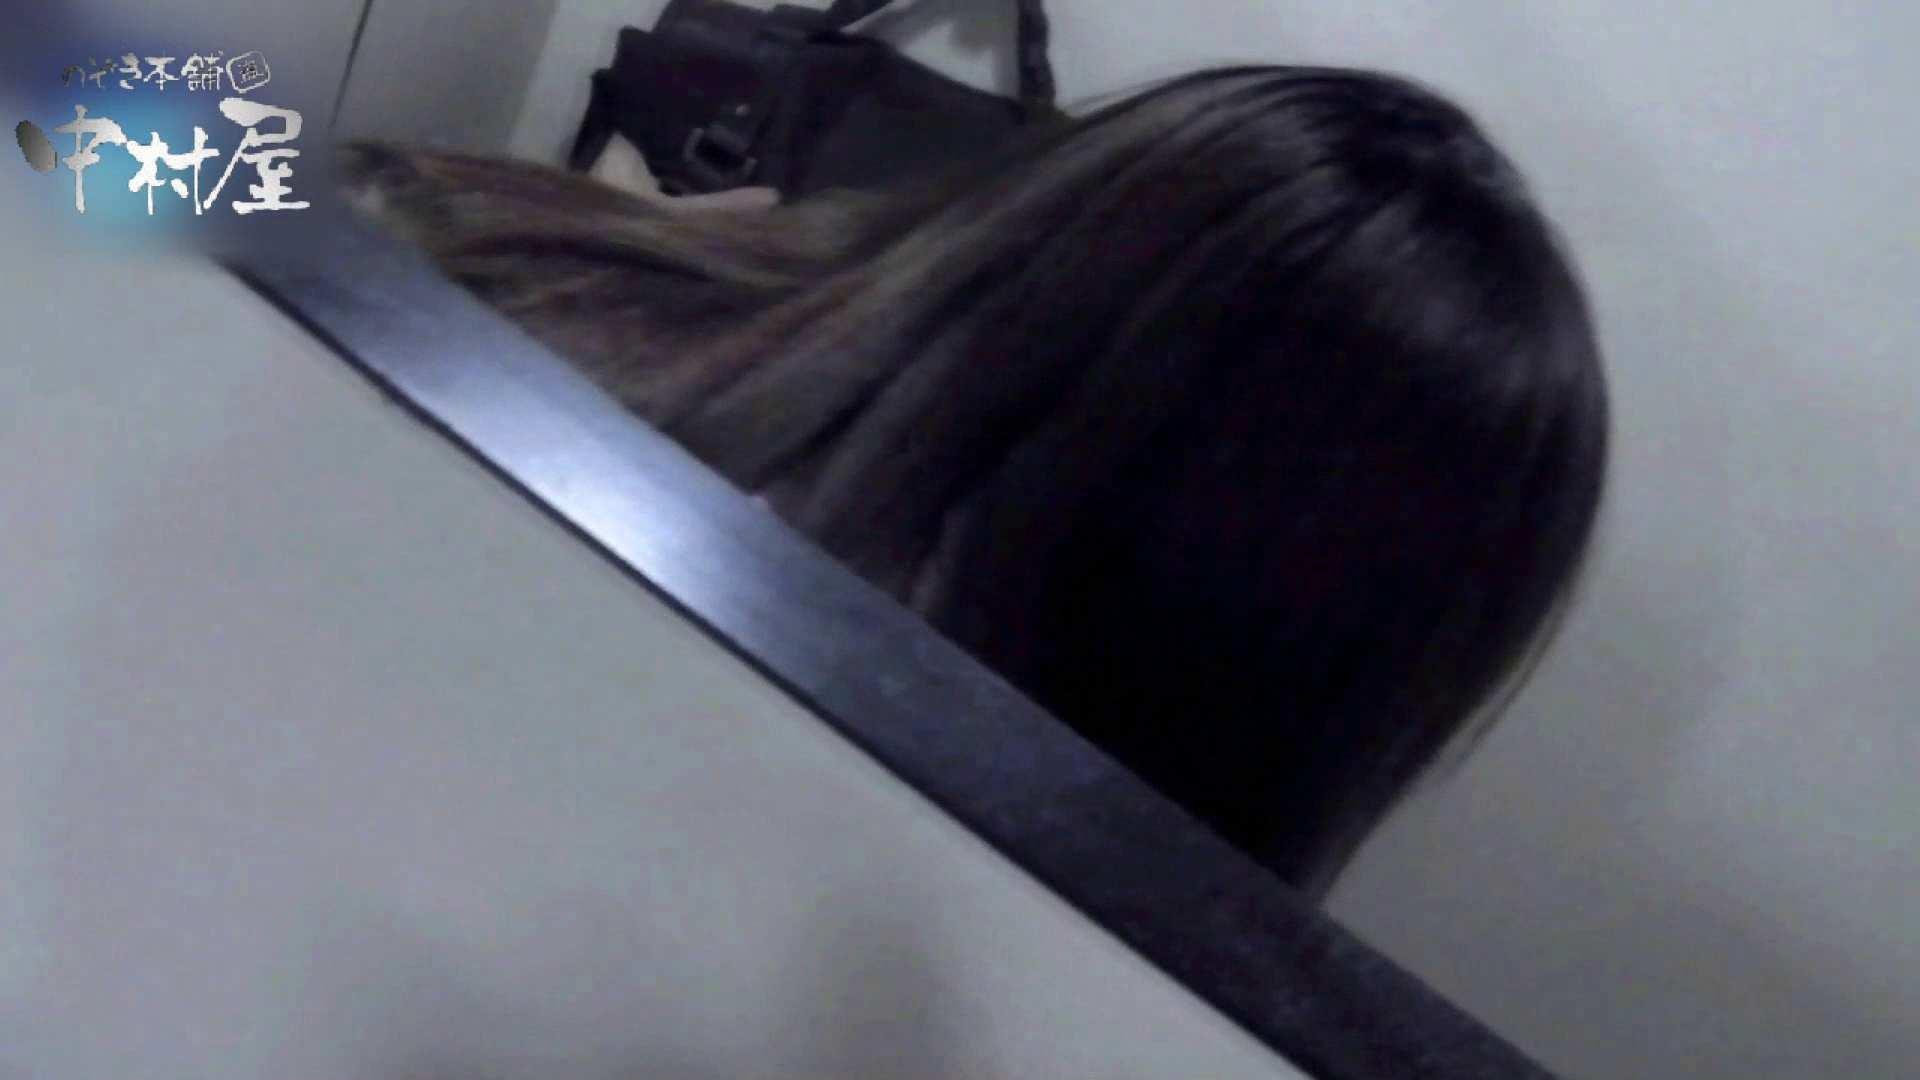 乙女集まる!ショッピングモール潜入撮vol.08 トイレ突入 濡れ場動画紹介 87pic 63